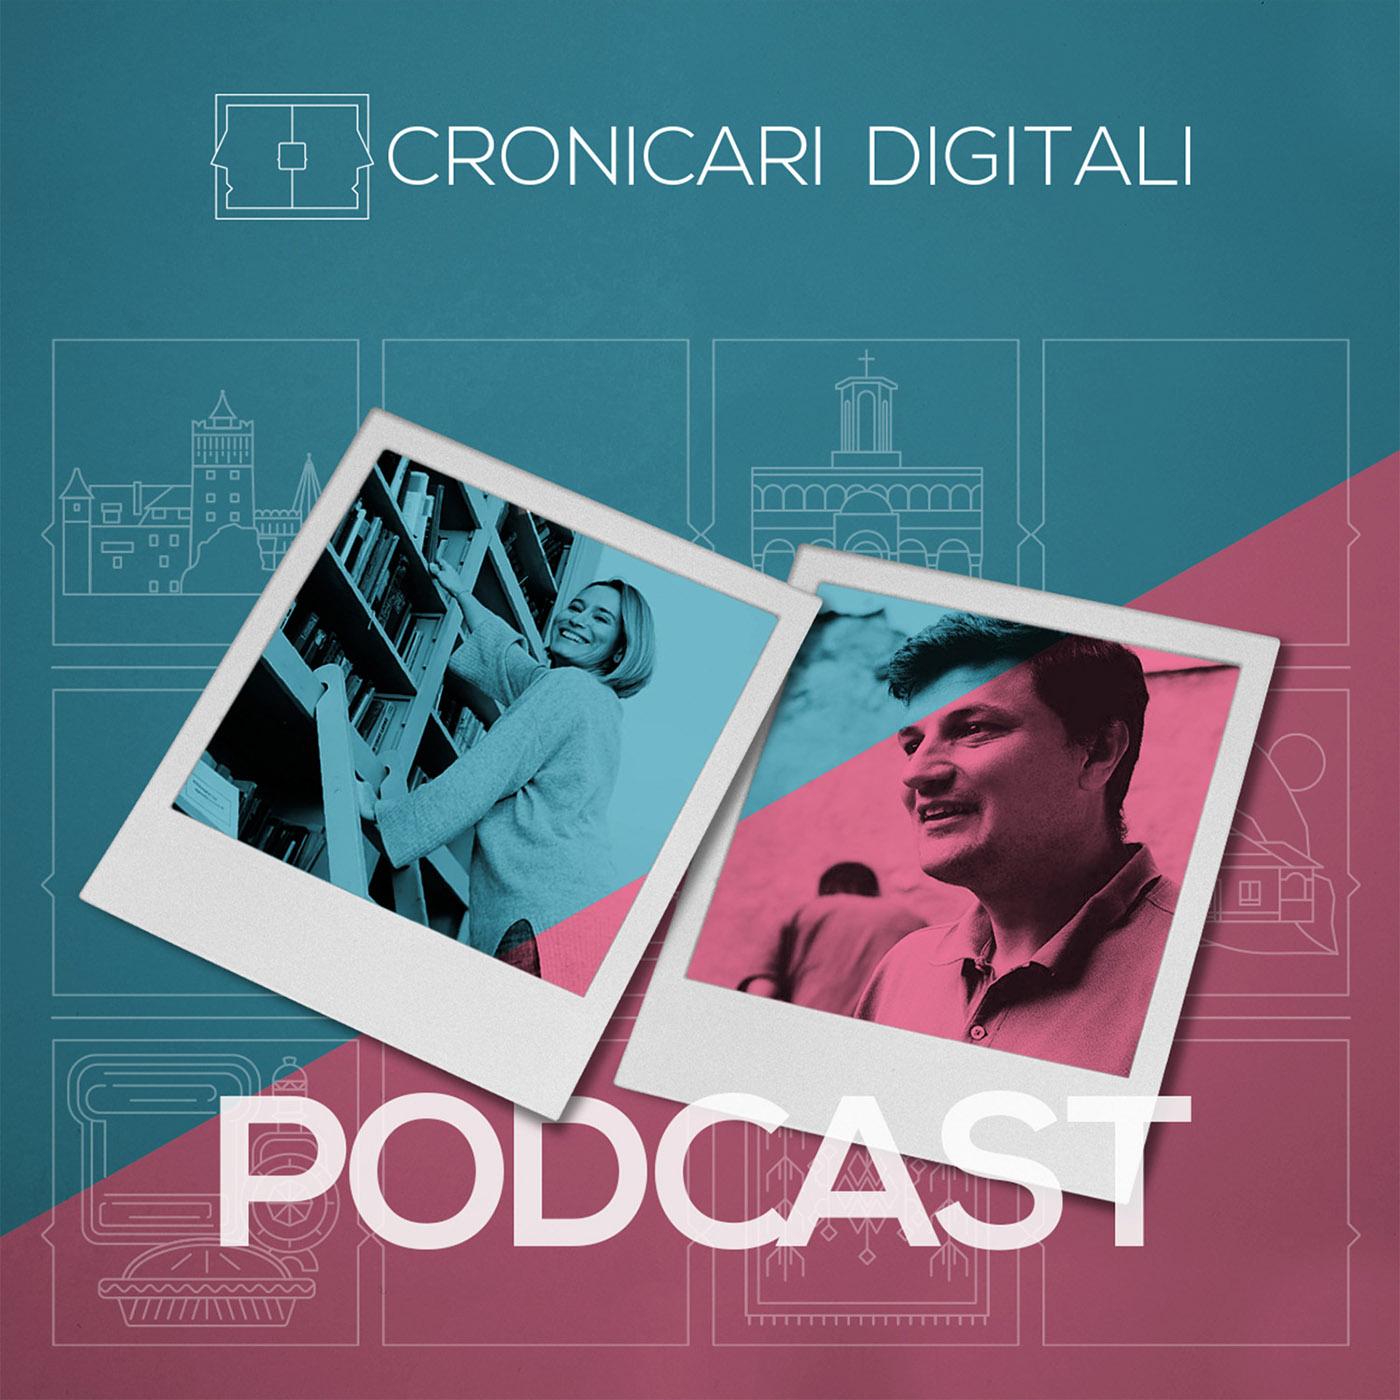 #cronicaridigitali S1 episod 1, Invitați Andreea Esca & Stefan Bâlici, moderator Cristian Șimonca, aka Blogu lu' Otravă